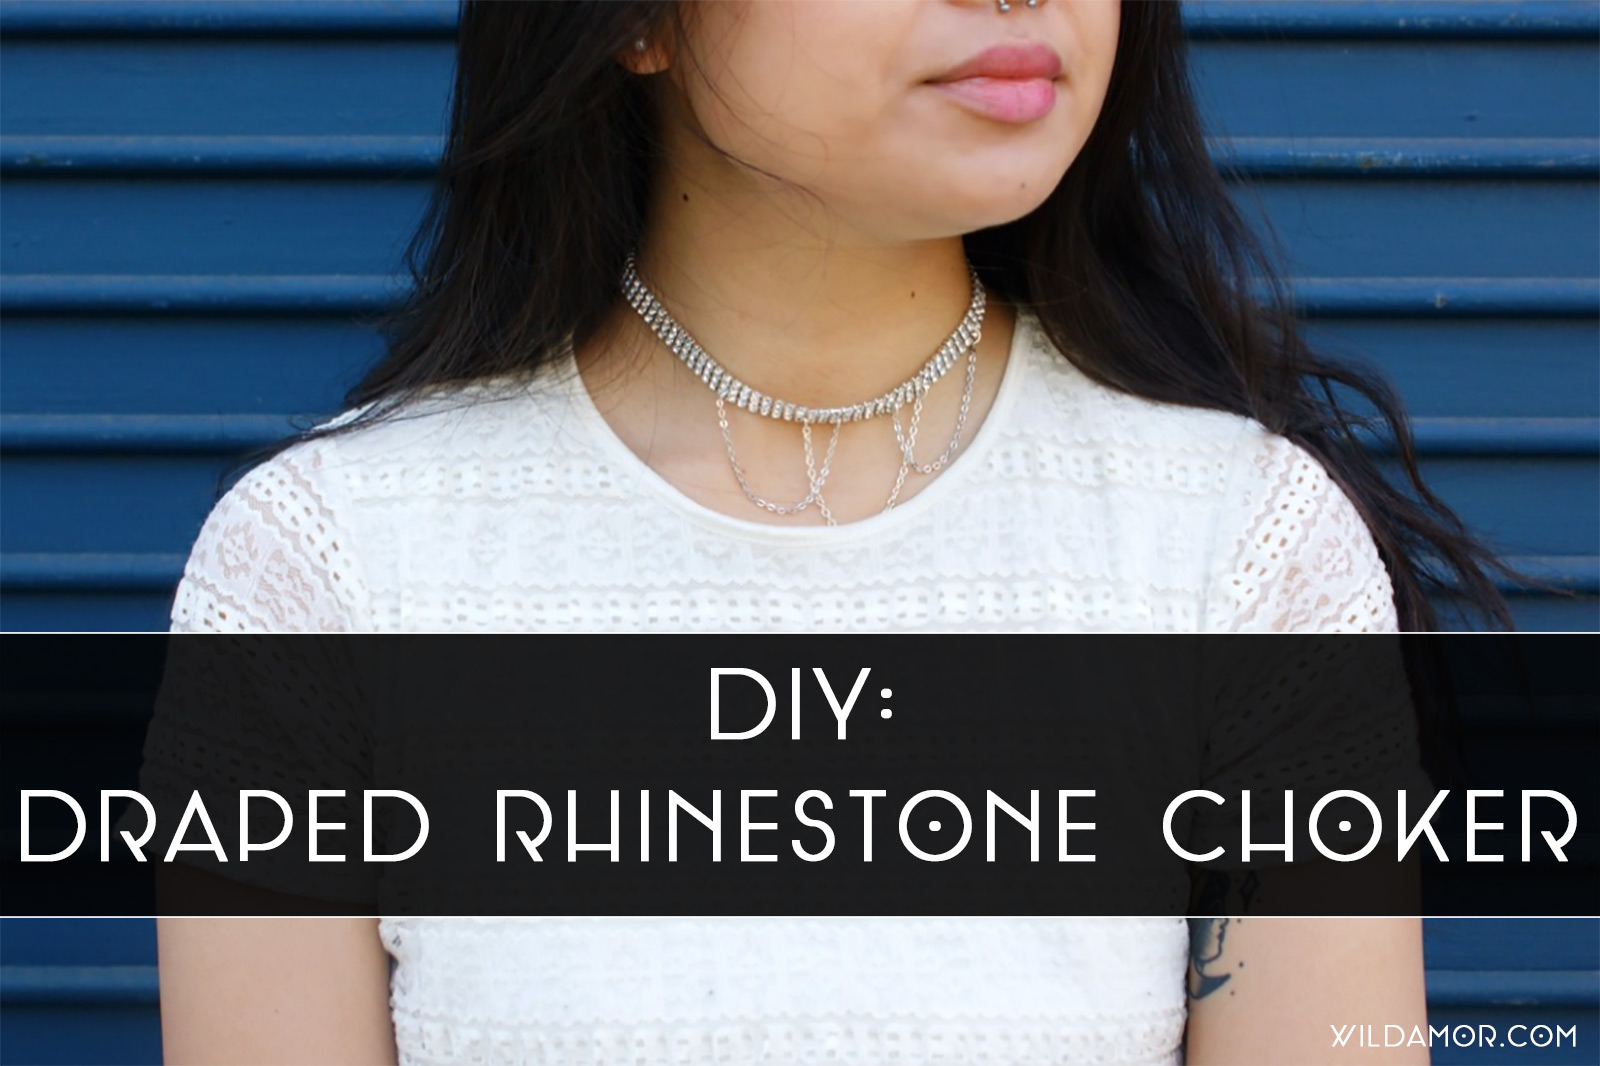 DIY Draped Rhinestone Choker